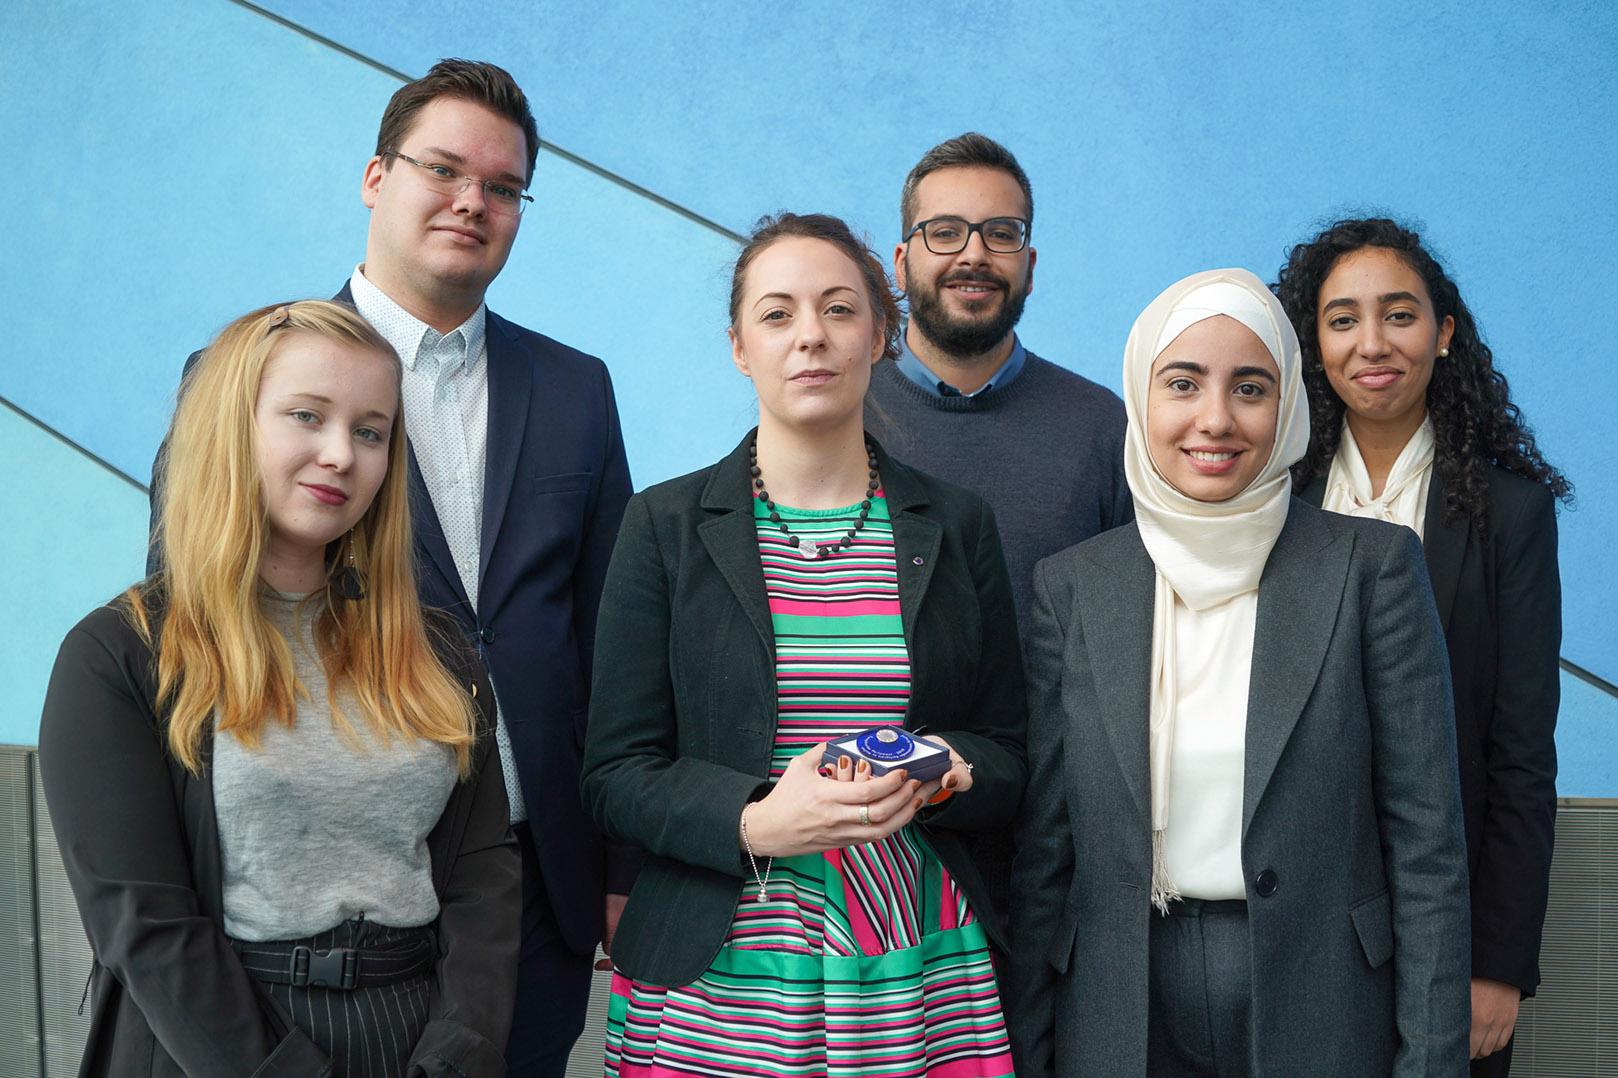 (Ελληνικά) Βραβείο Καρλομάγνου για τη Νεολαία 2020